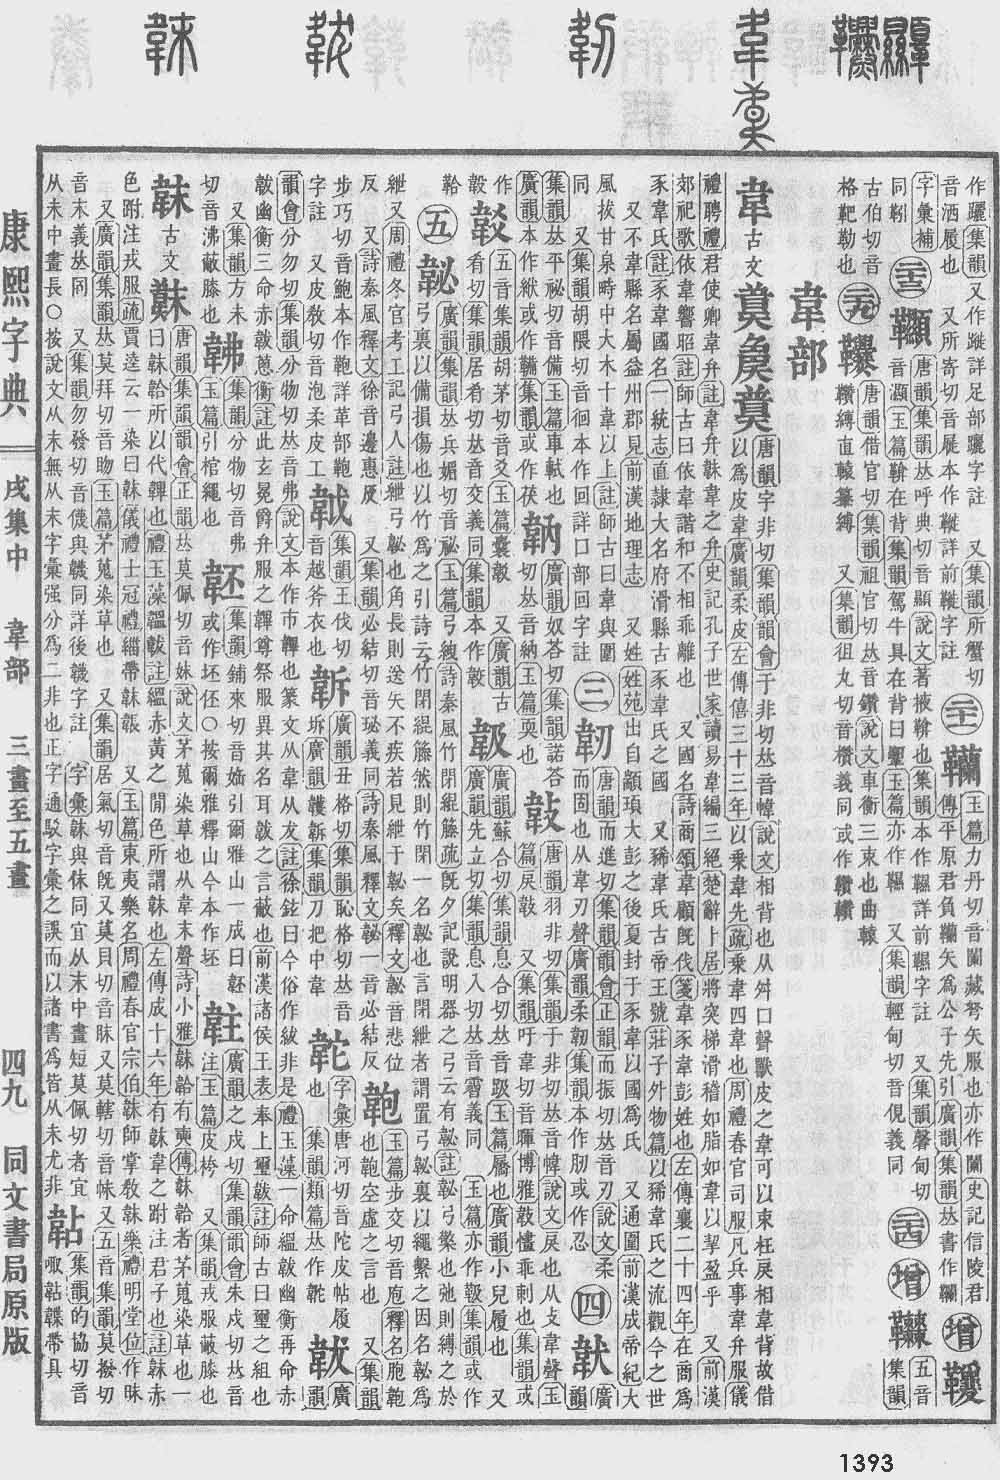 《康熙字典》第1393页